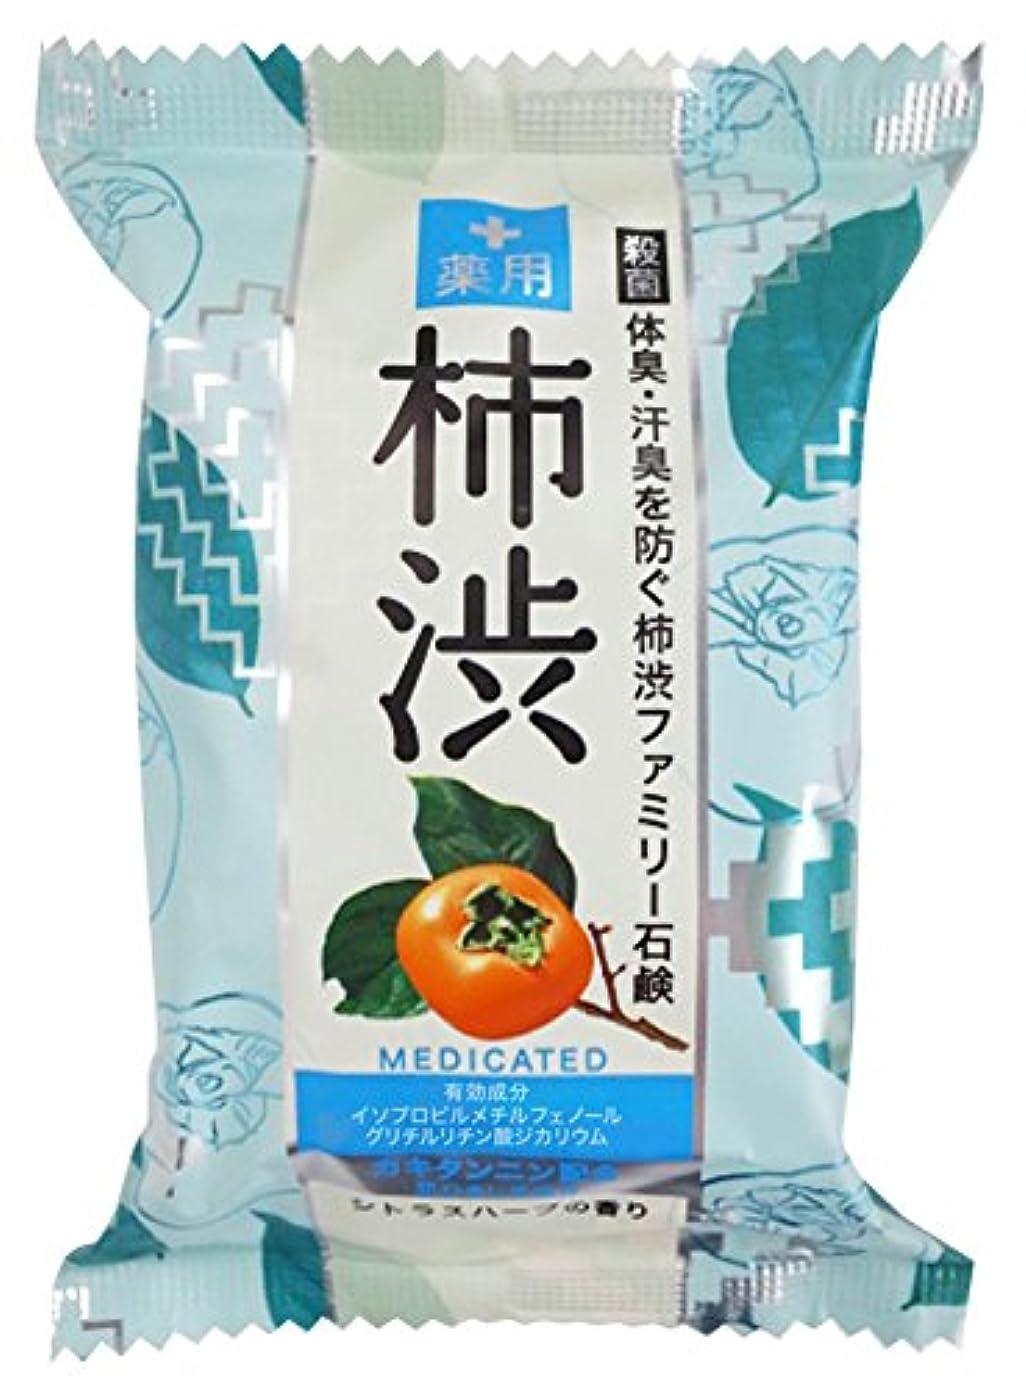 暴露する医薬品ベースペリカン石鹸 薬用ファミリー柿渋石鹸